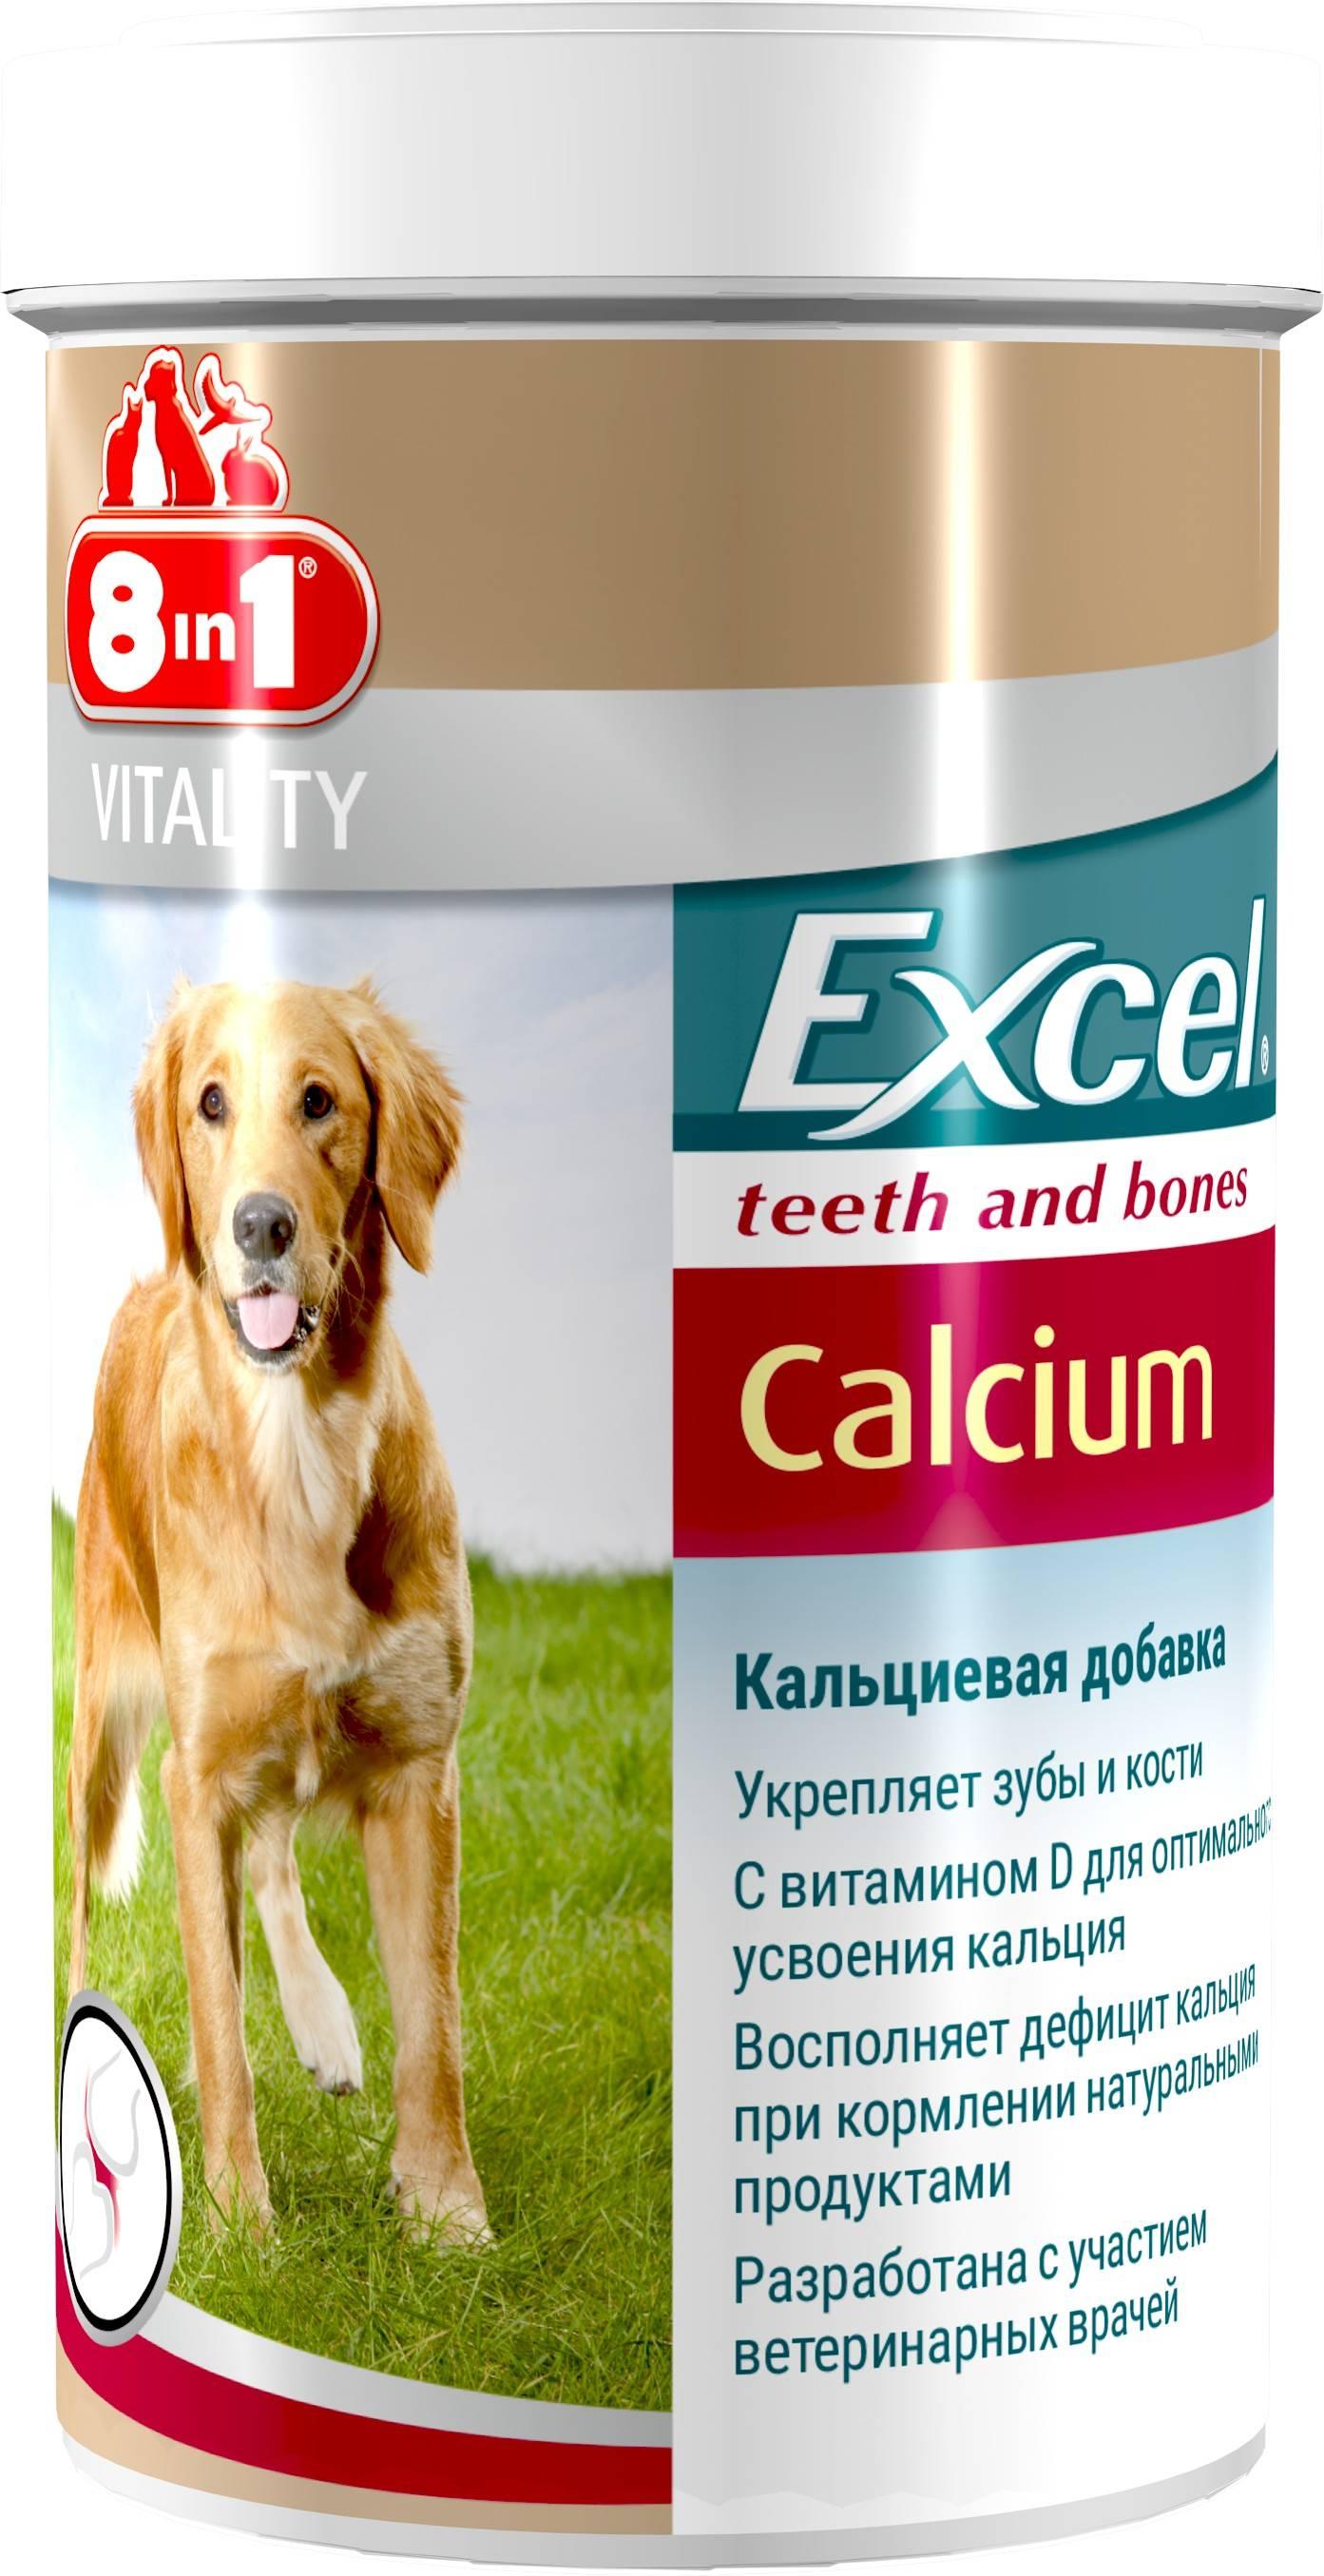 8in1 Calcium – кальциевая добавка для щенков и взрослых собак